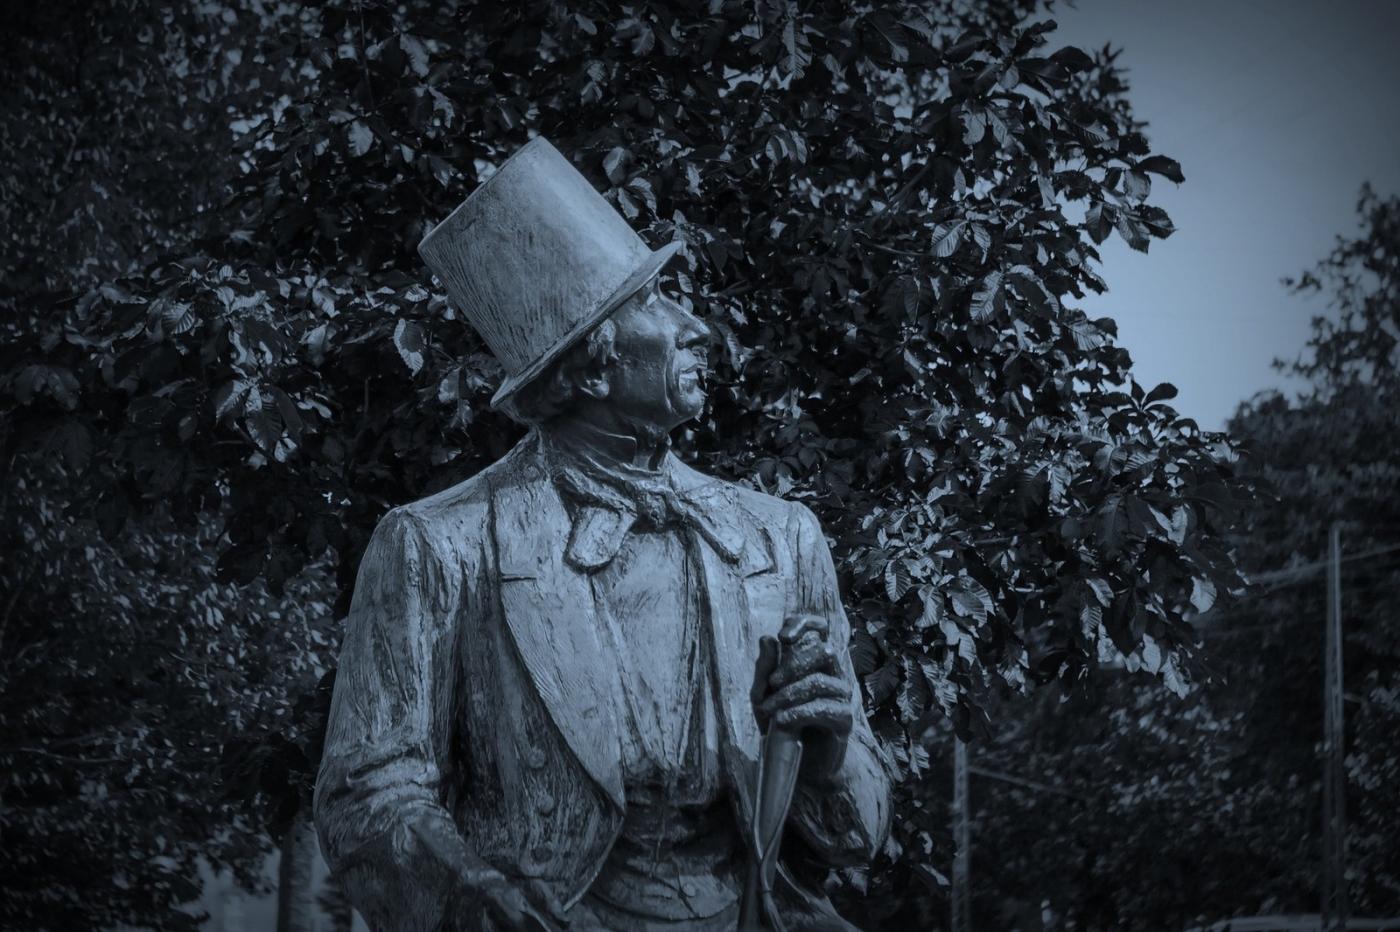 丹麦美人鱼雕像,雕塑家妻子为蓝本_图1-12